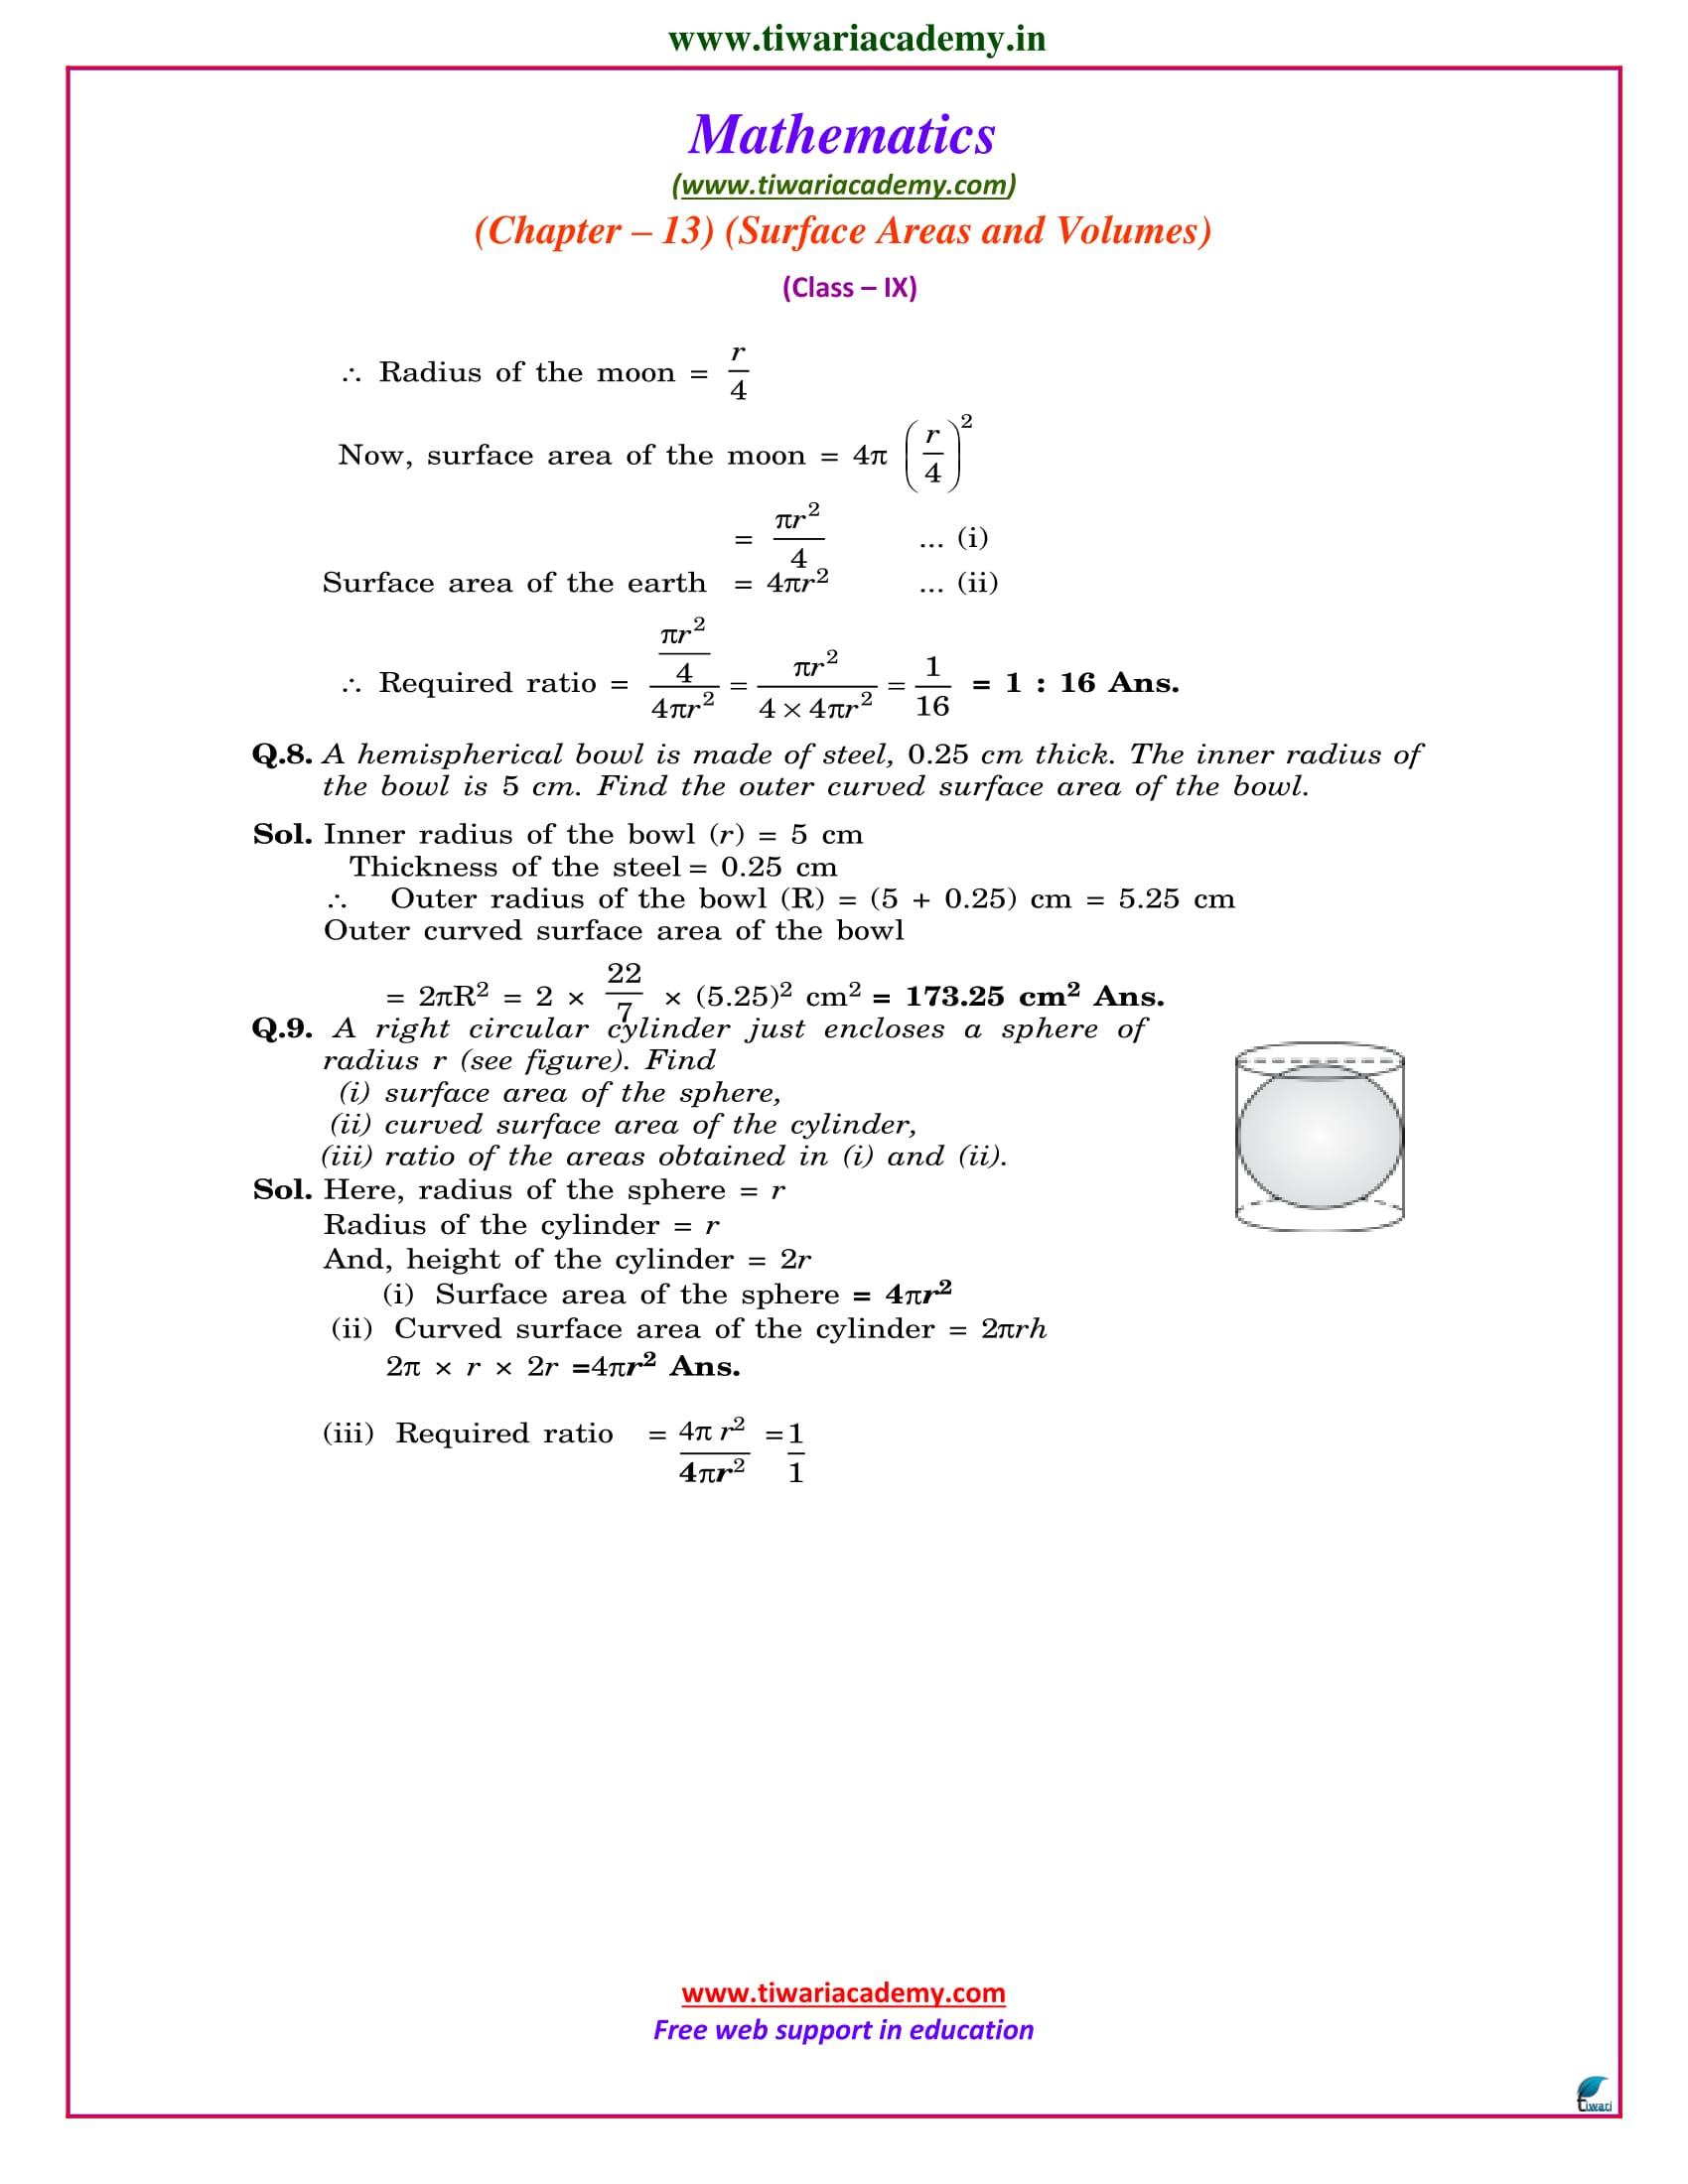 9 maths chapter 13.4 ncert solutions